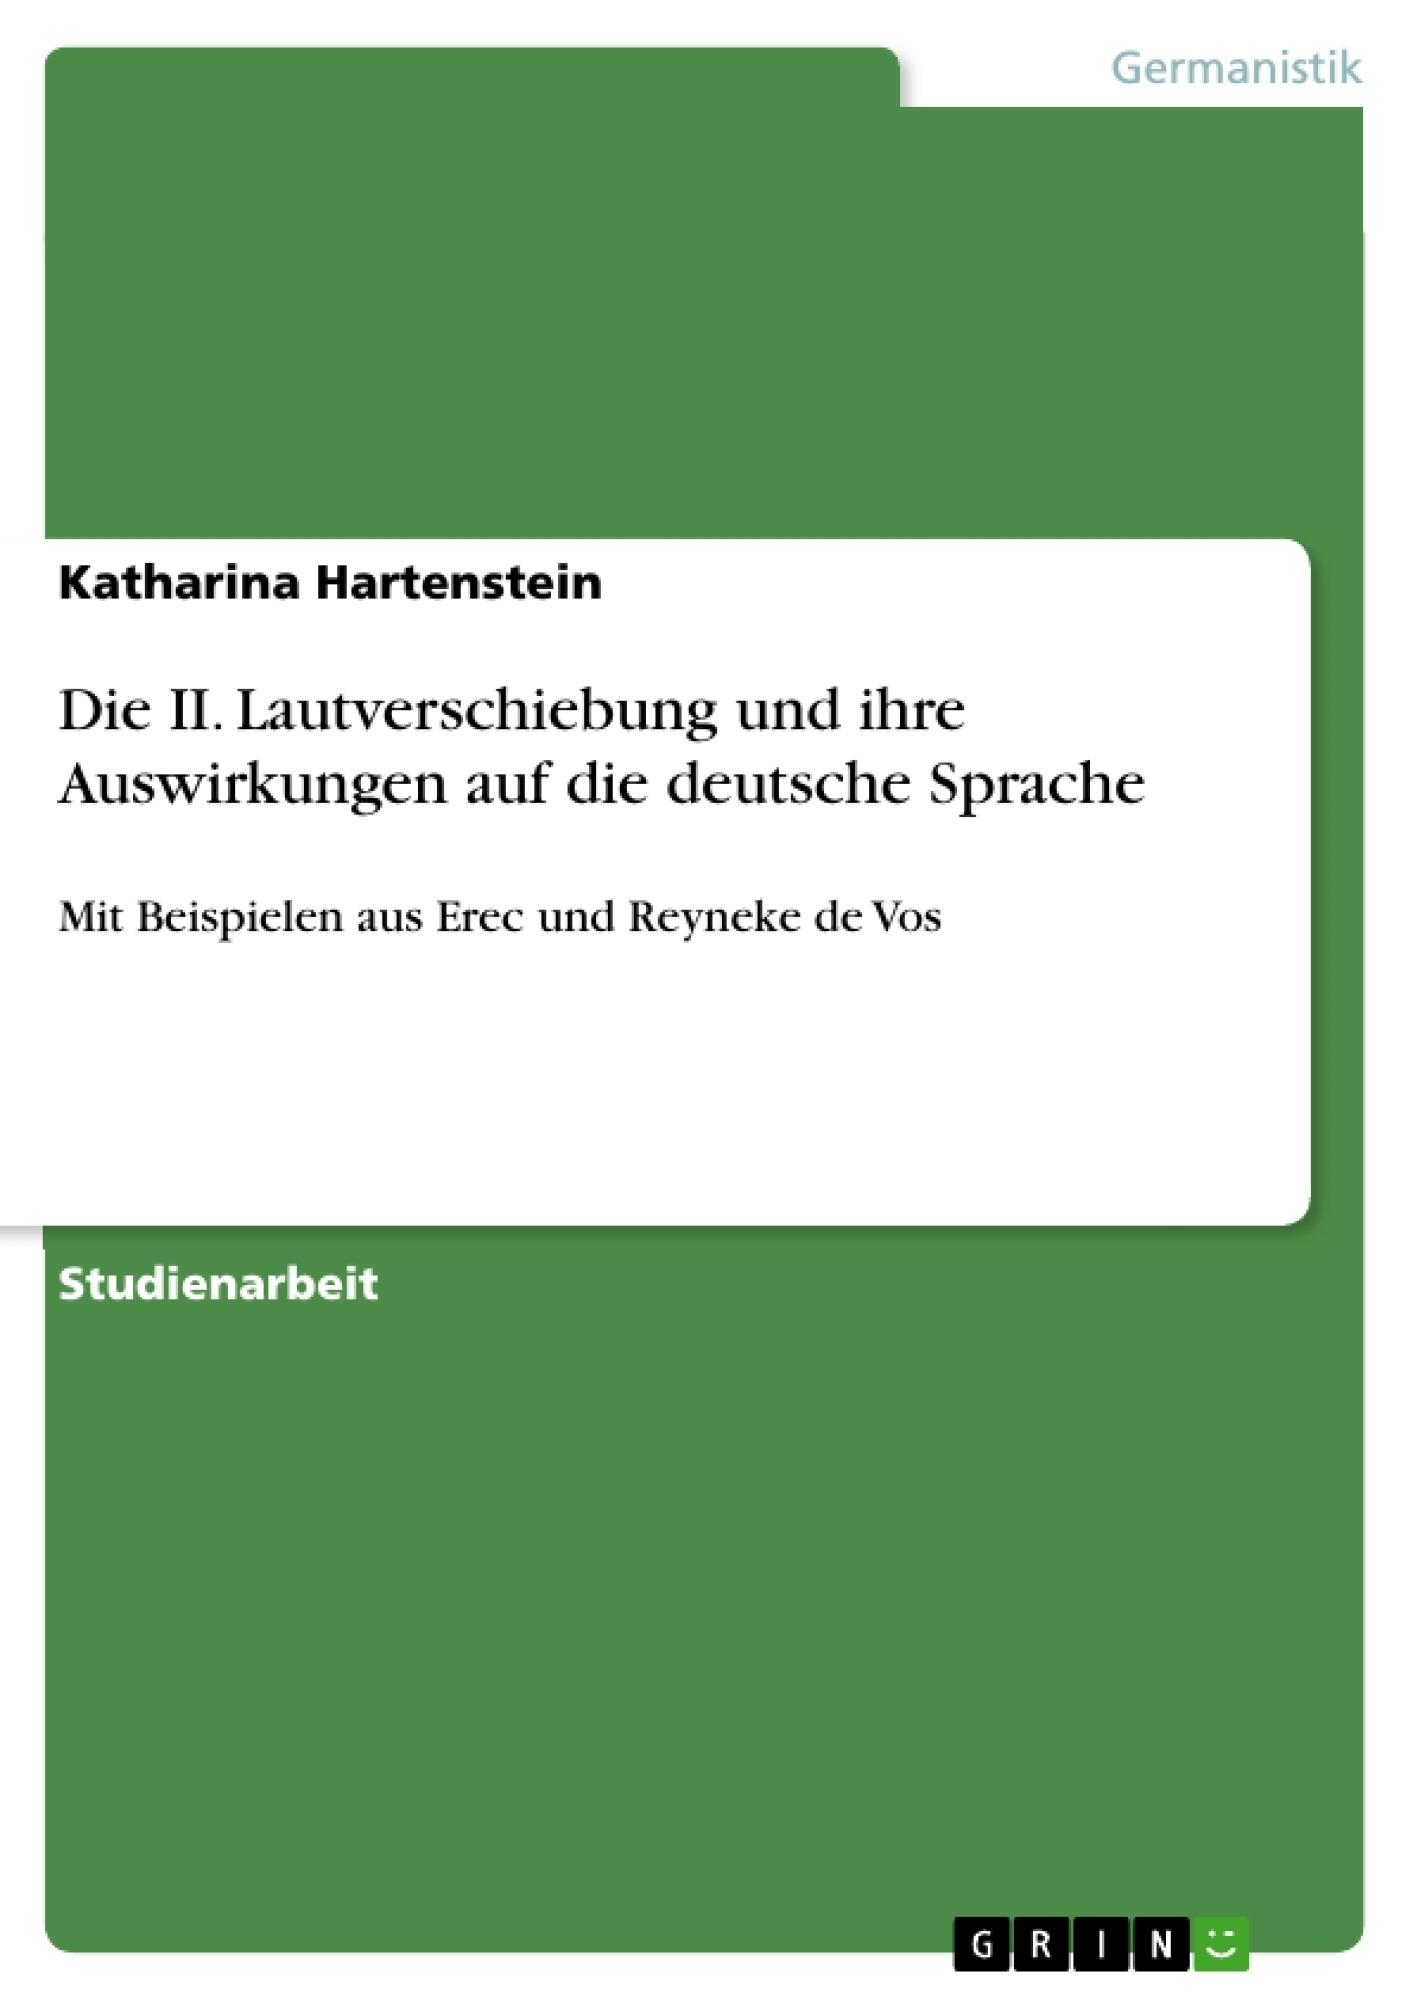 Titel: Die II. Lautverschiebung und ihre Auswirkungen auf die deutsche Sprache